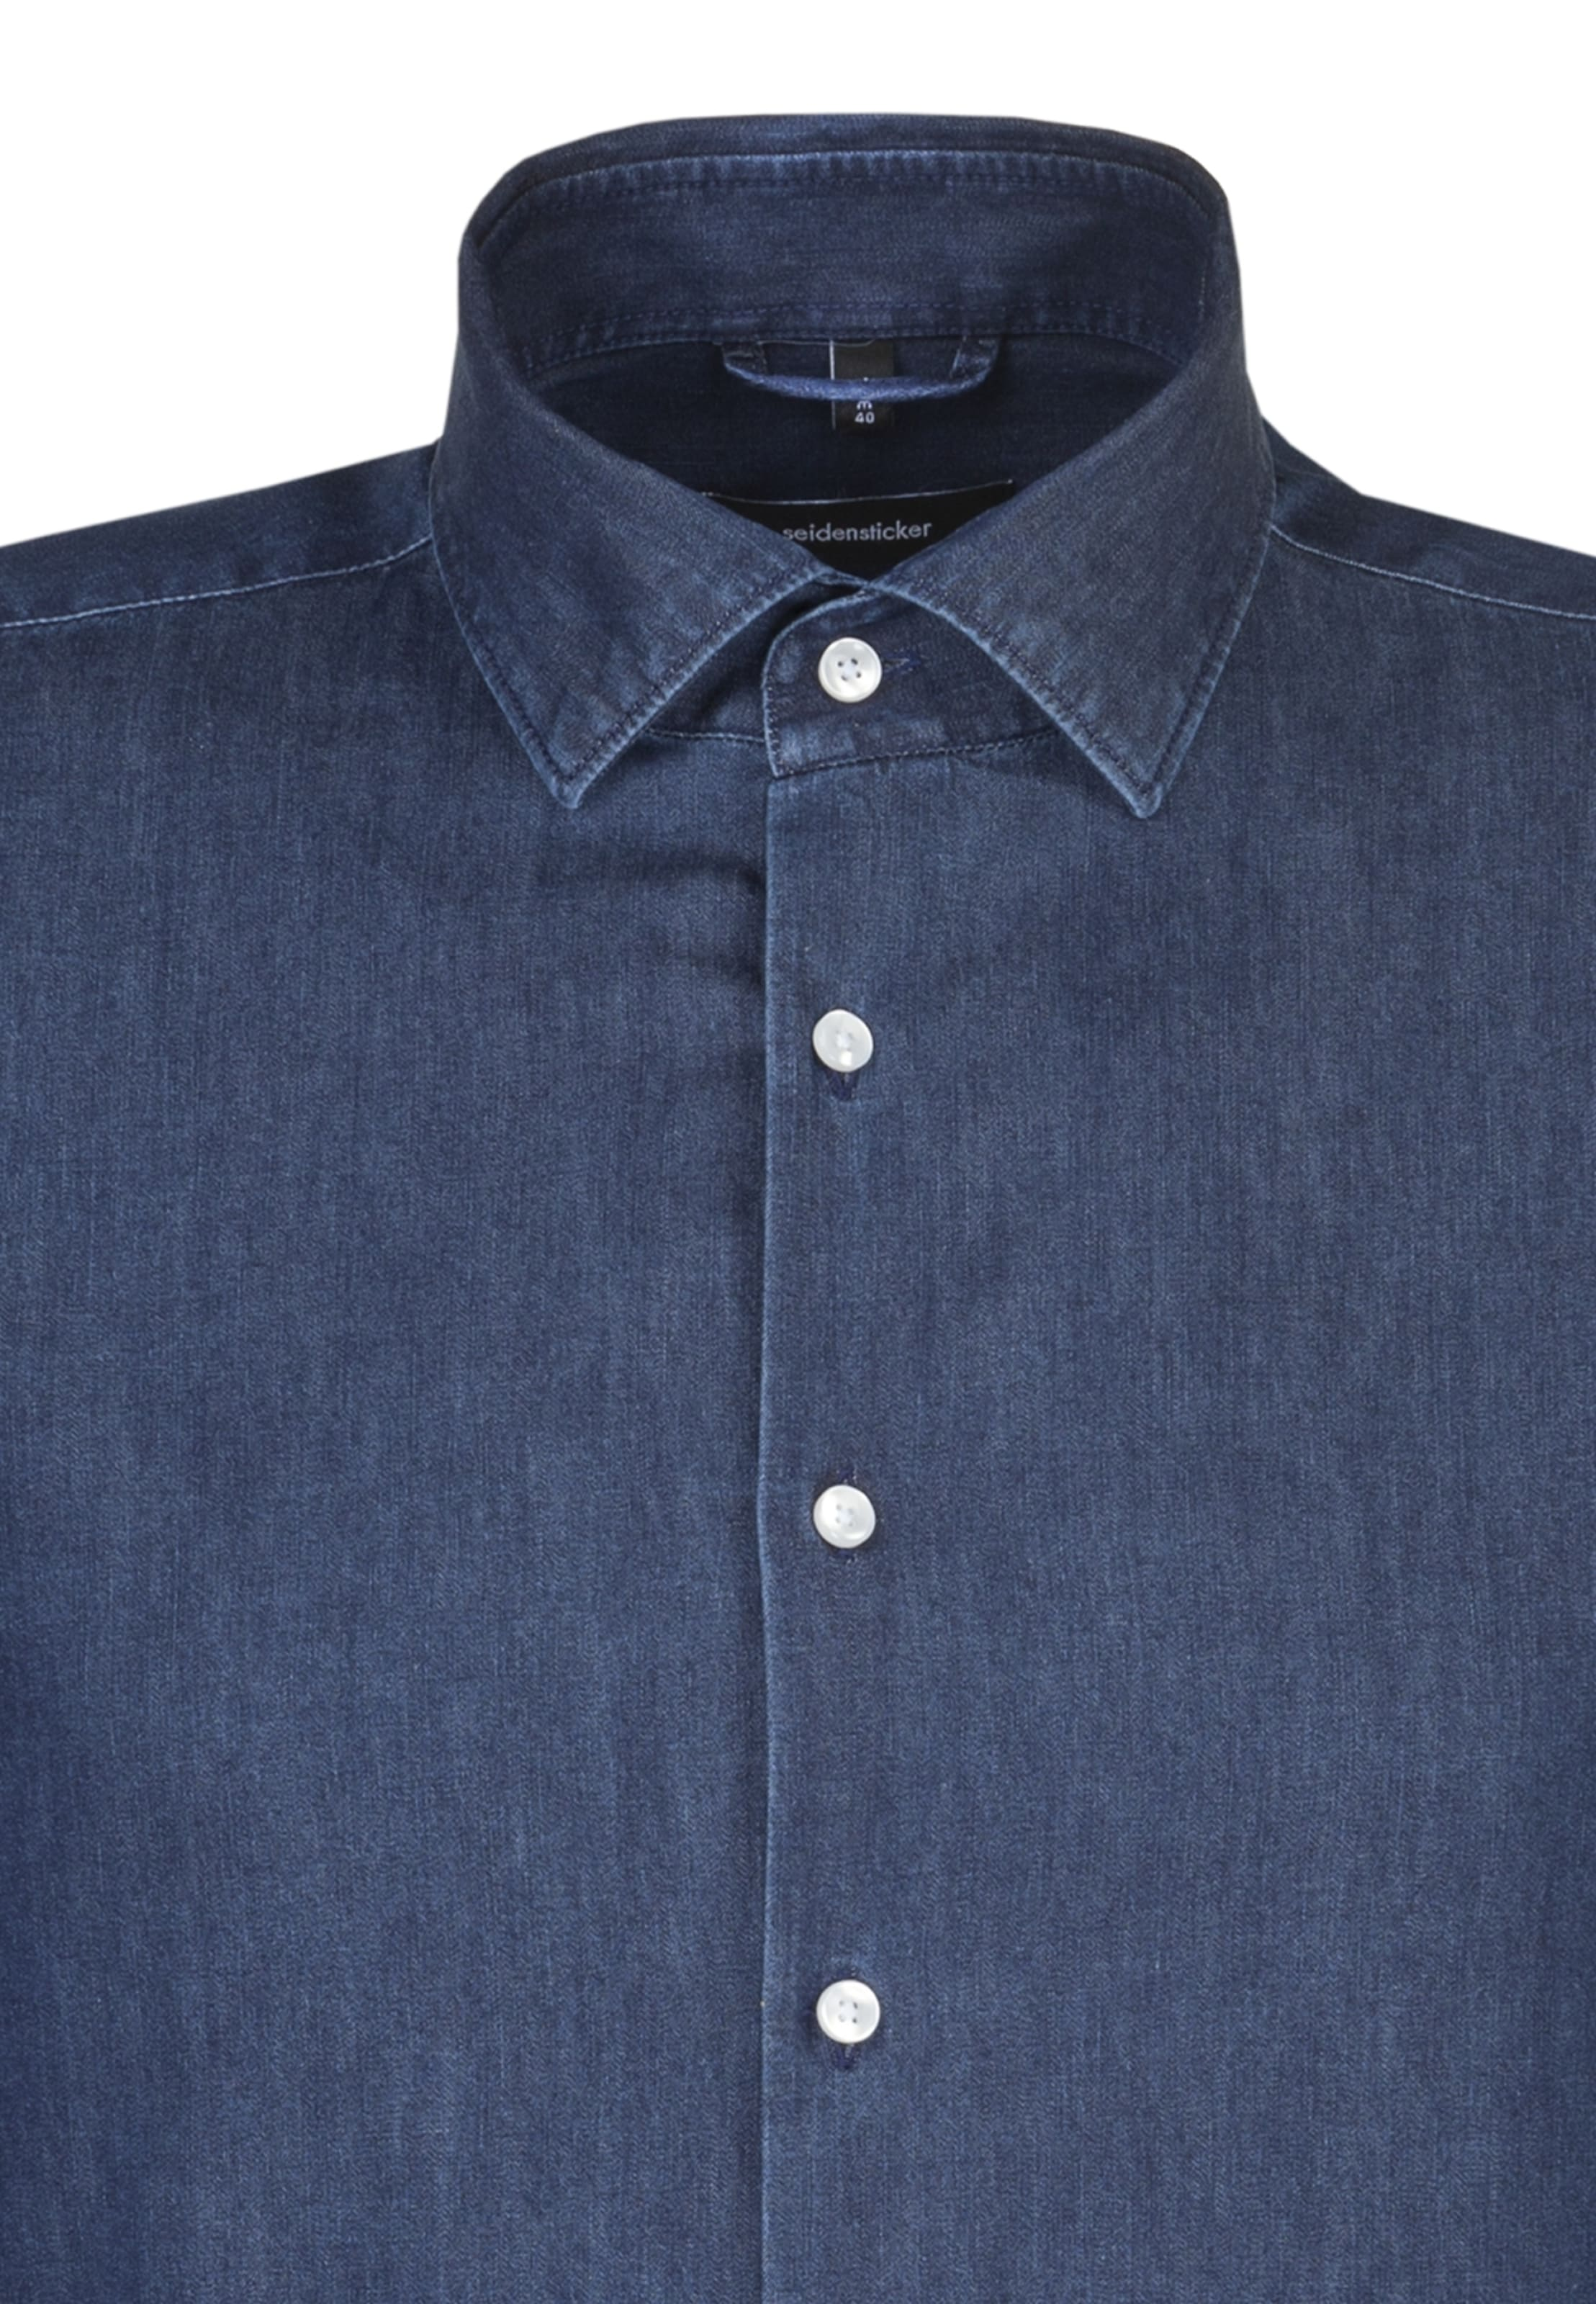 SEIDENSTICKER City-Hemd ' Tailored ' Sast Verkauf Online Ausgang Erhalten Authentisch Billig Freies Verschiffen Billig Verkauf Genießen DImoEznU8C